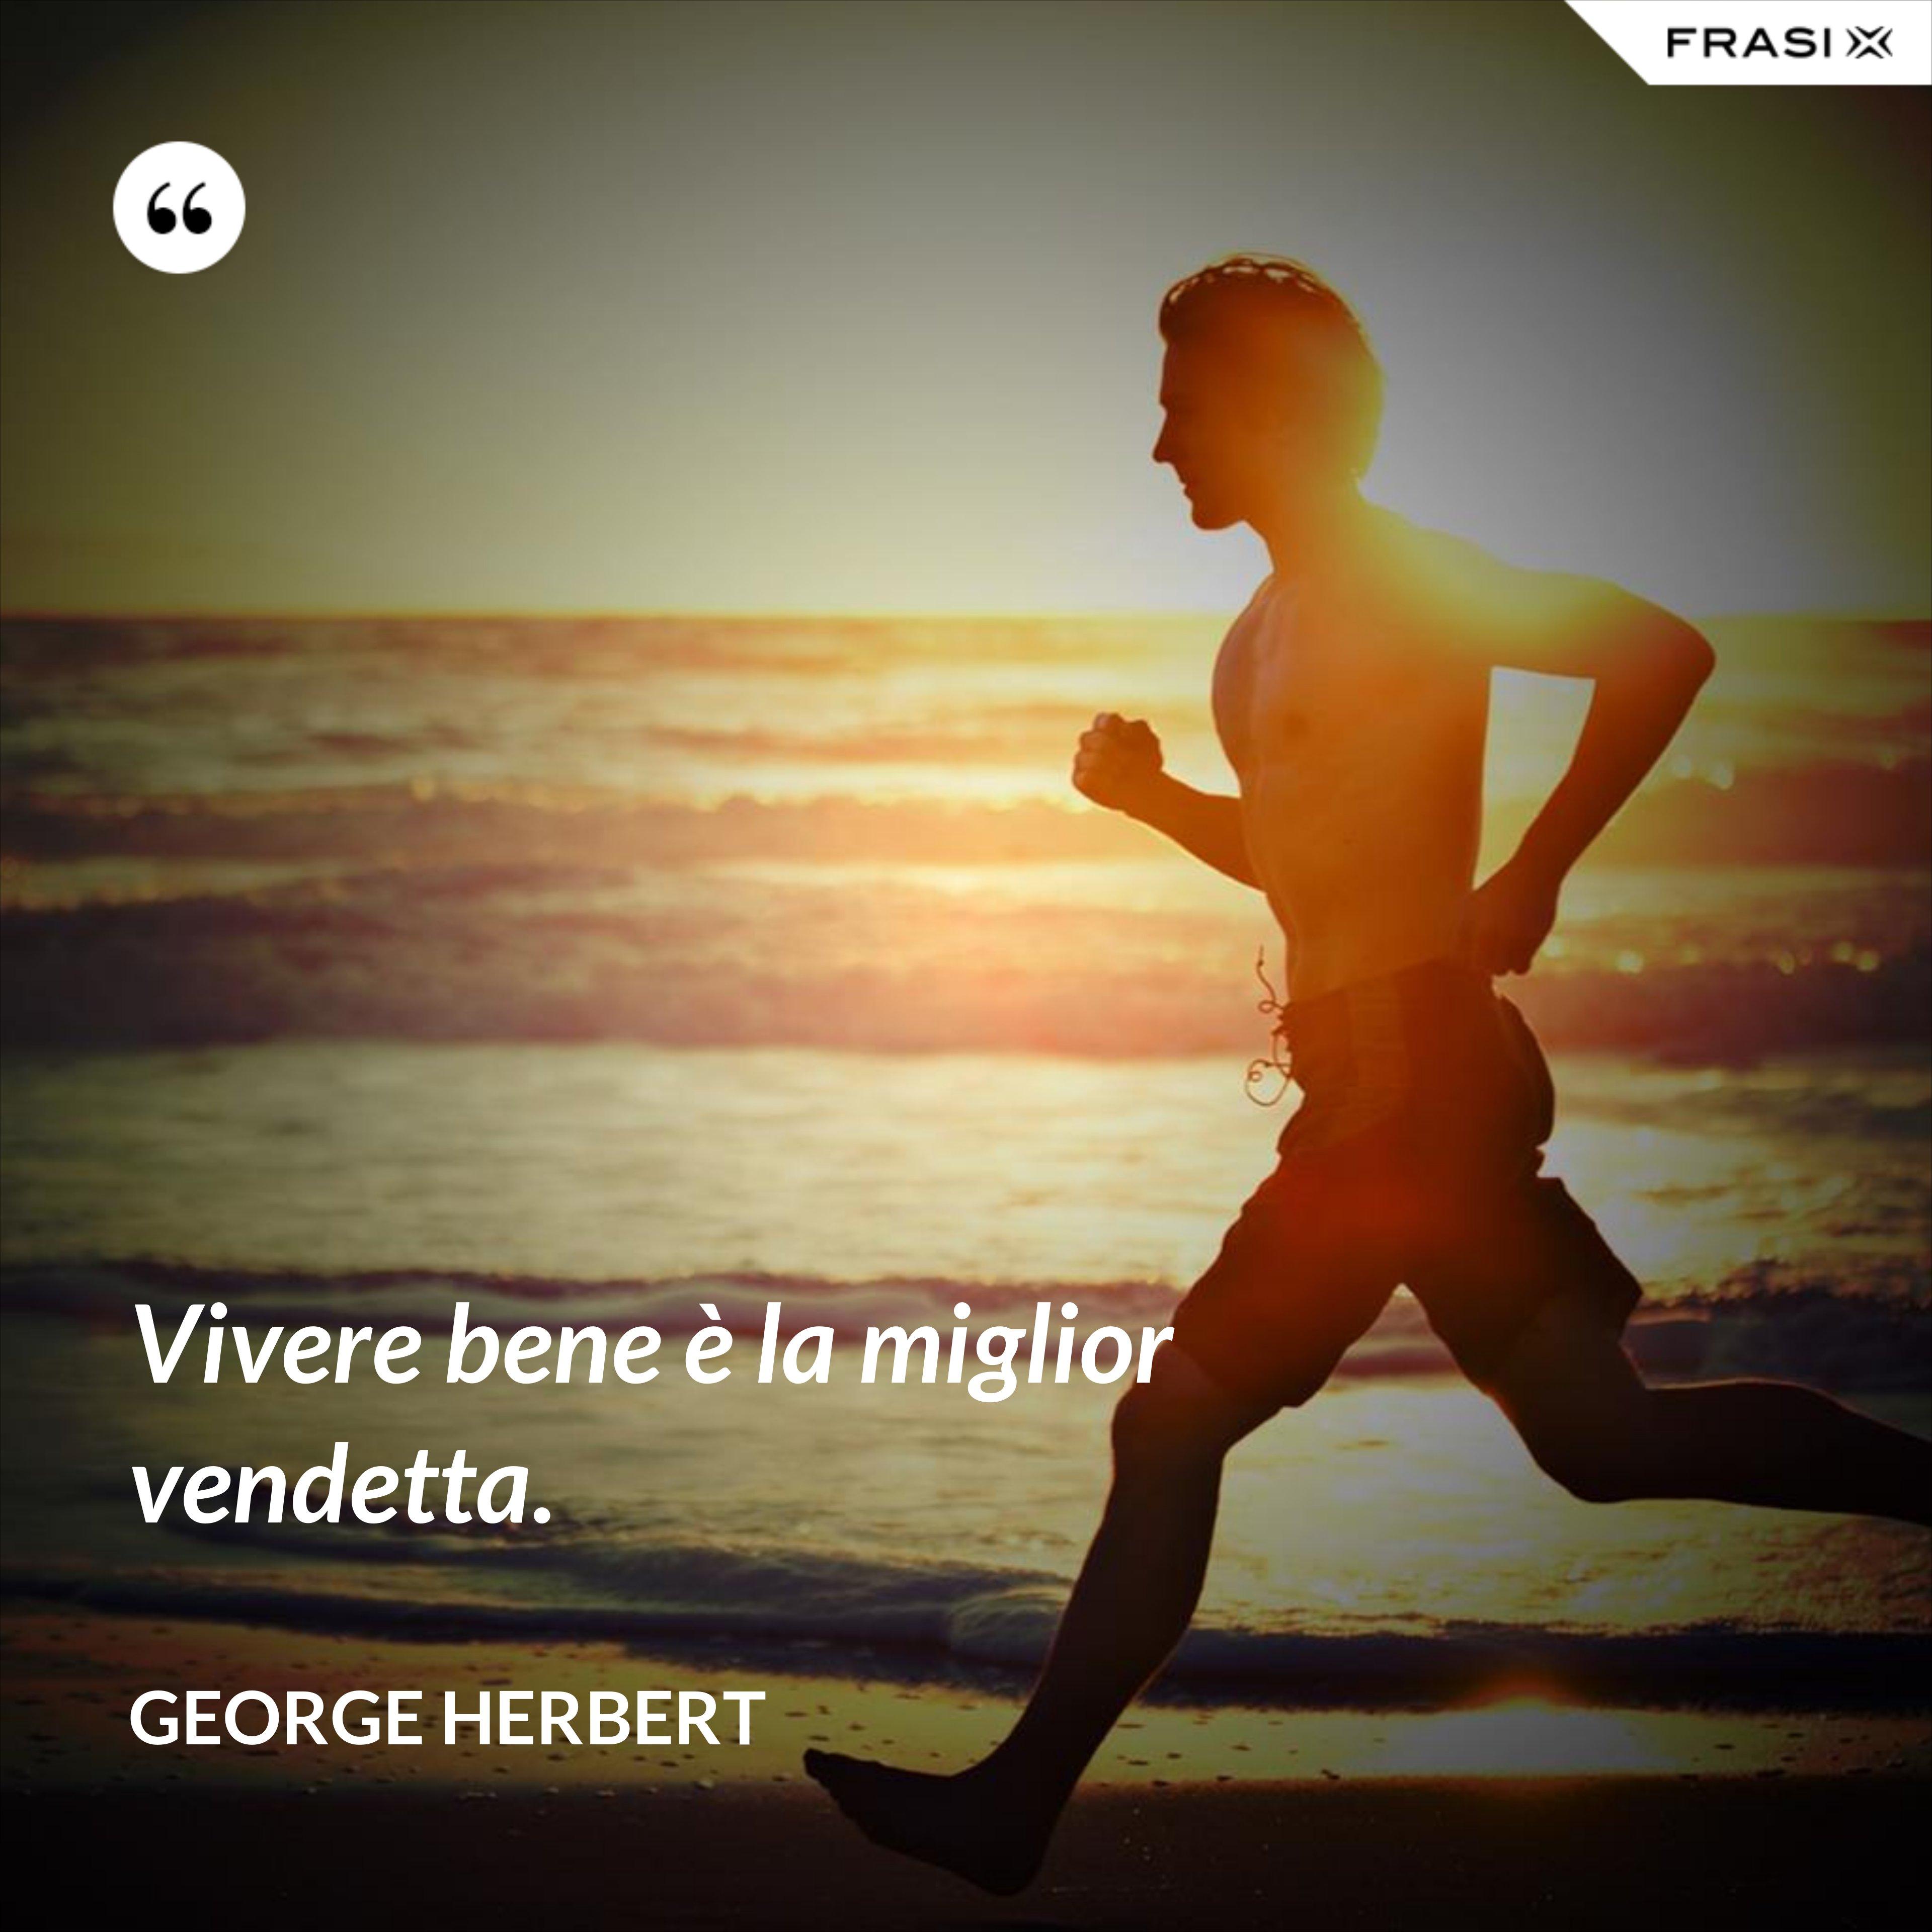 Vivere bene è la miglior vendetta. - George Herbert